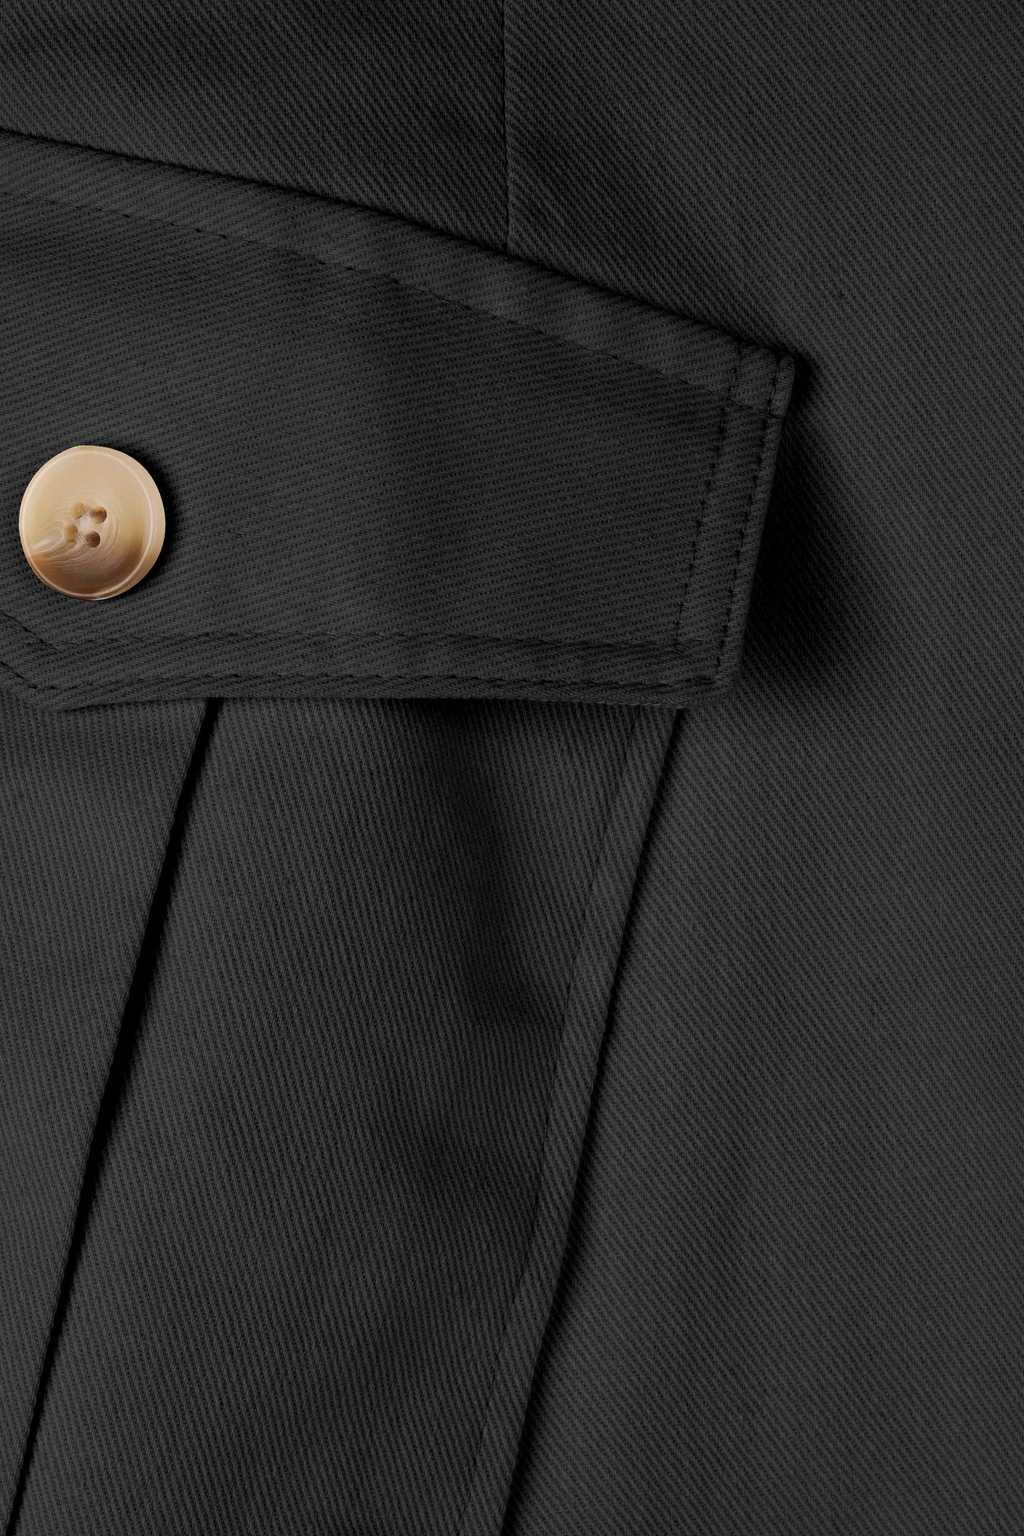 Skirt K007 Black 8